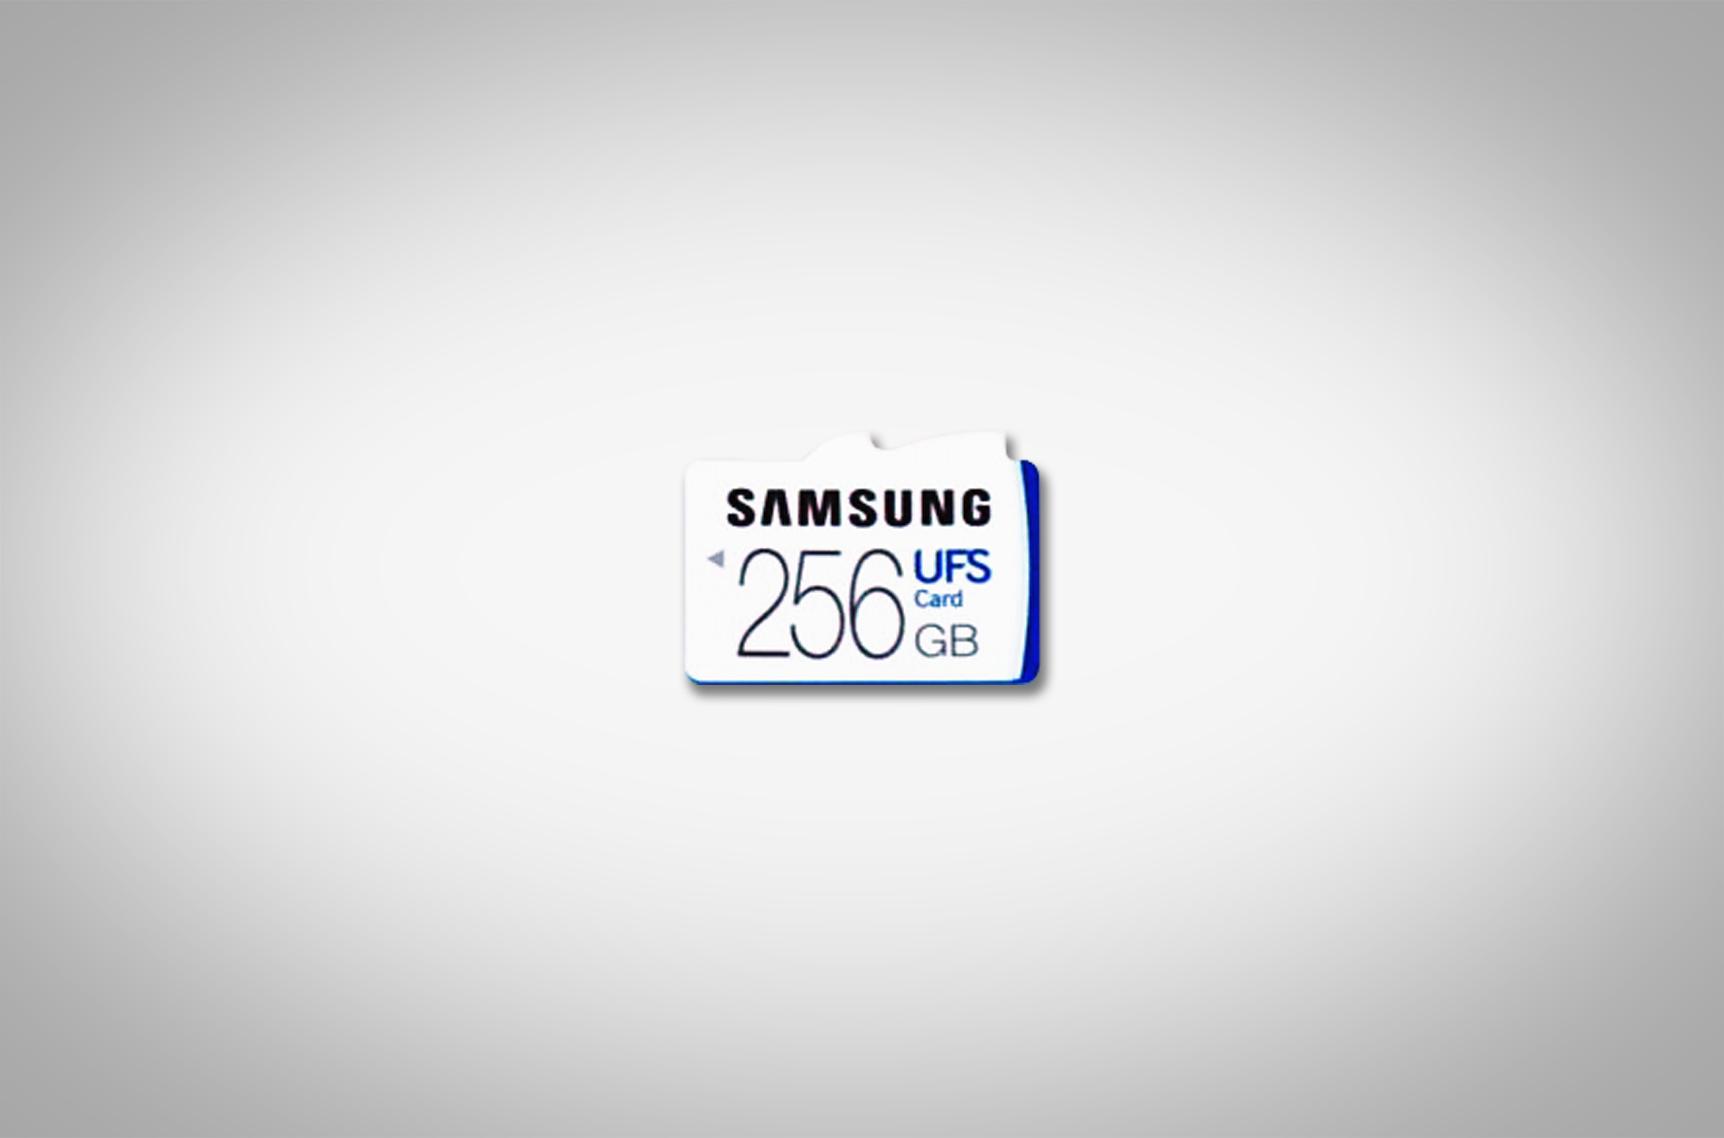 UFS Samsung